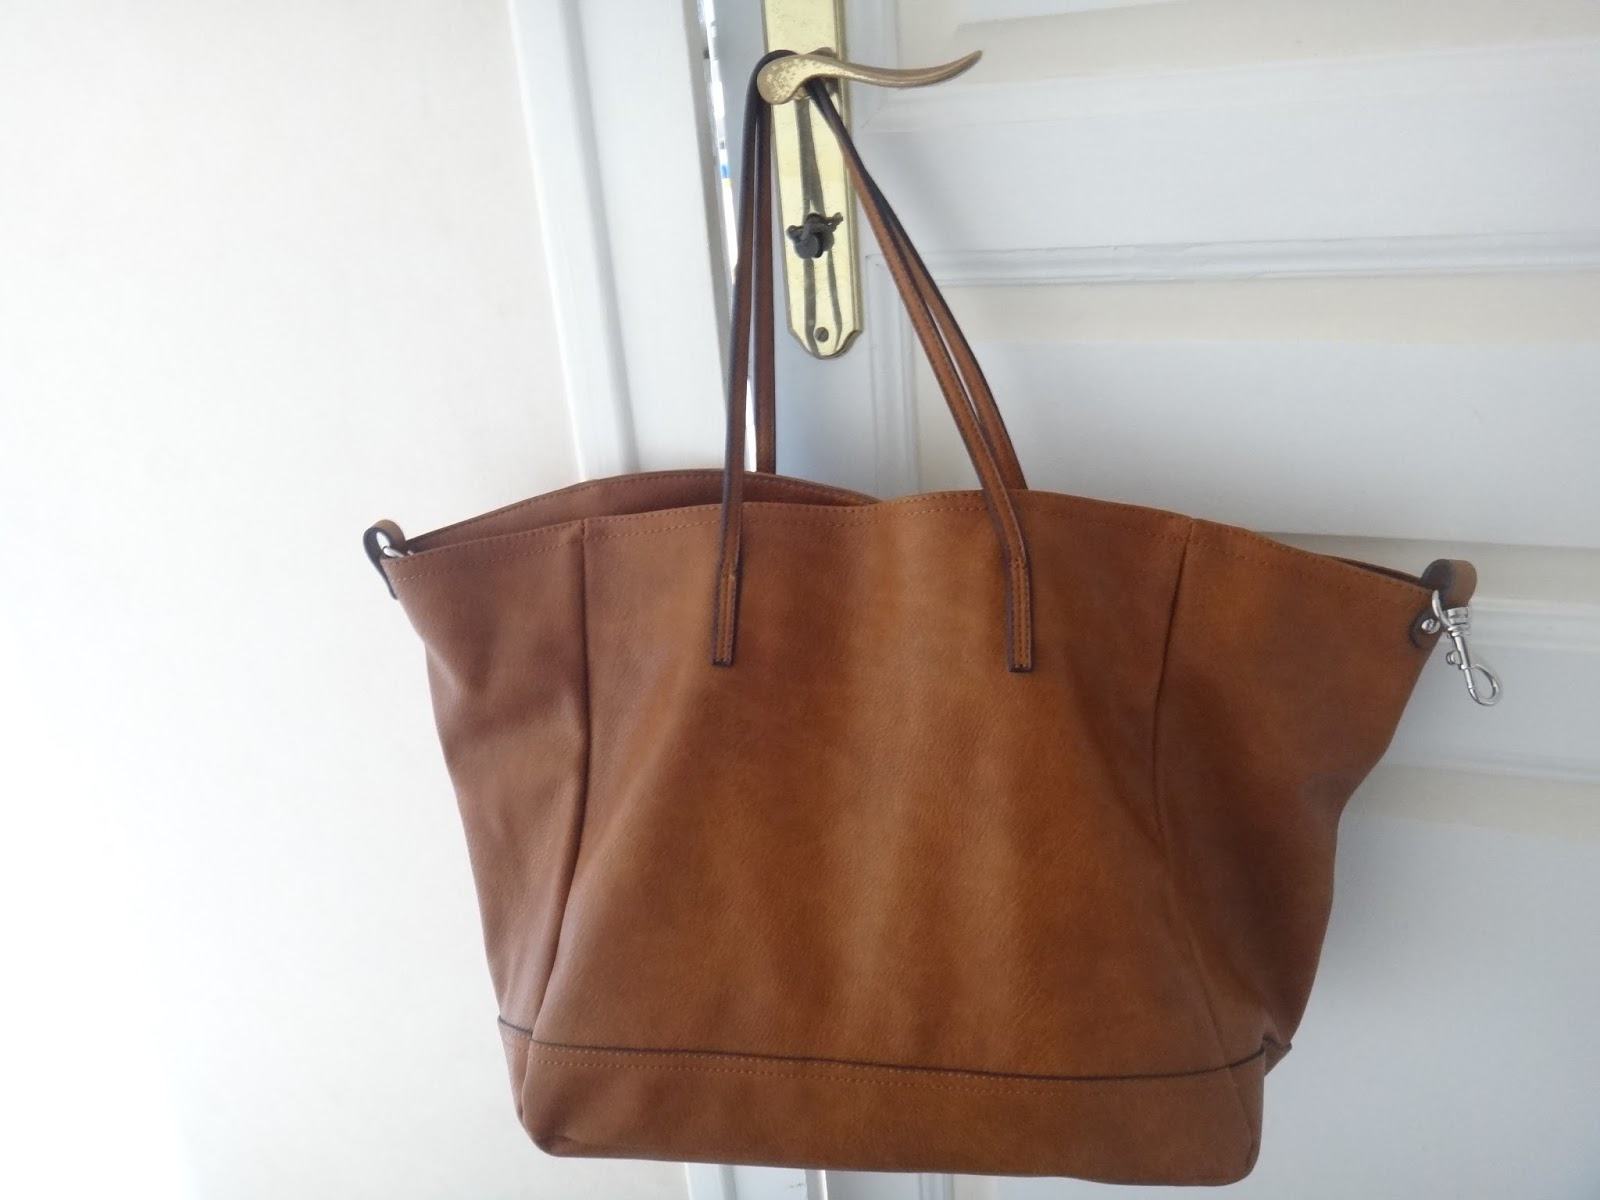 sac a main assez grand pour les cours tobias marion blog. Black Bedroom Furniture Sets. Home Design Ideas